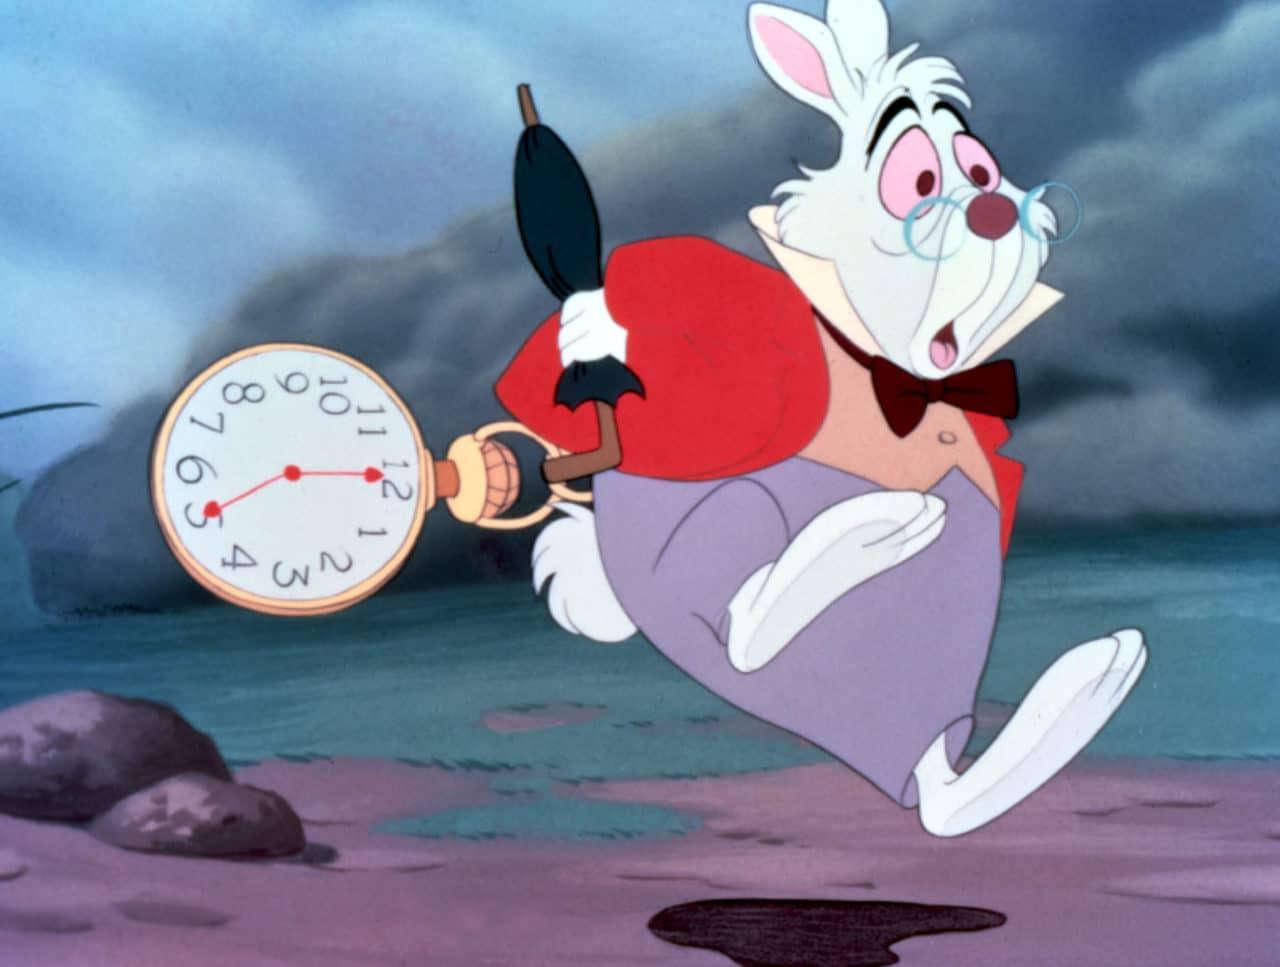 lapin blanc alice au pays des merveilles